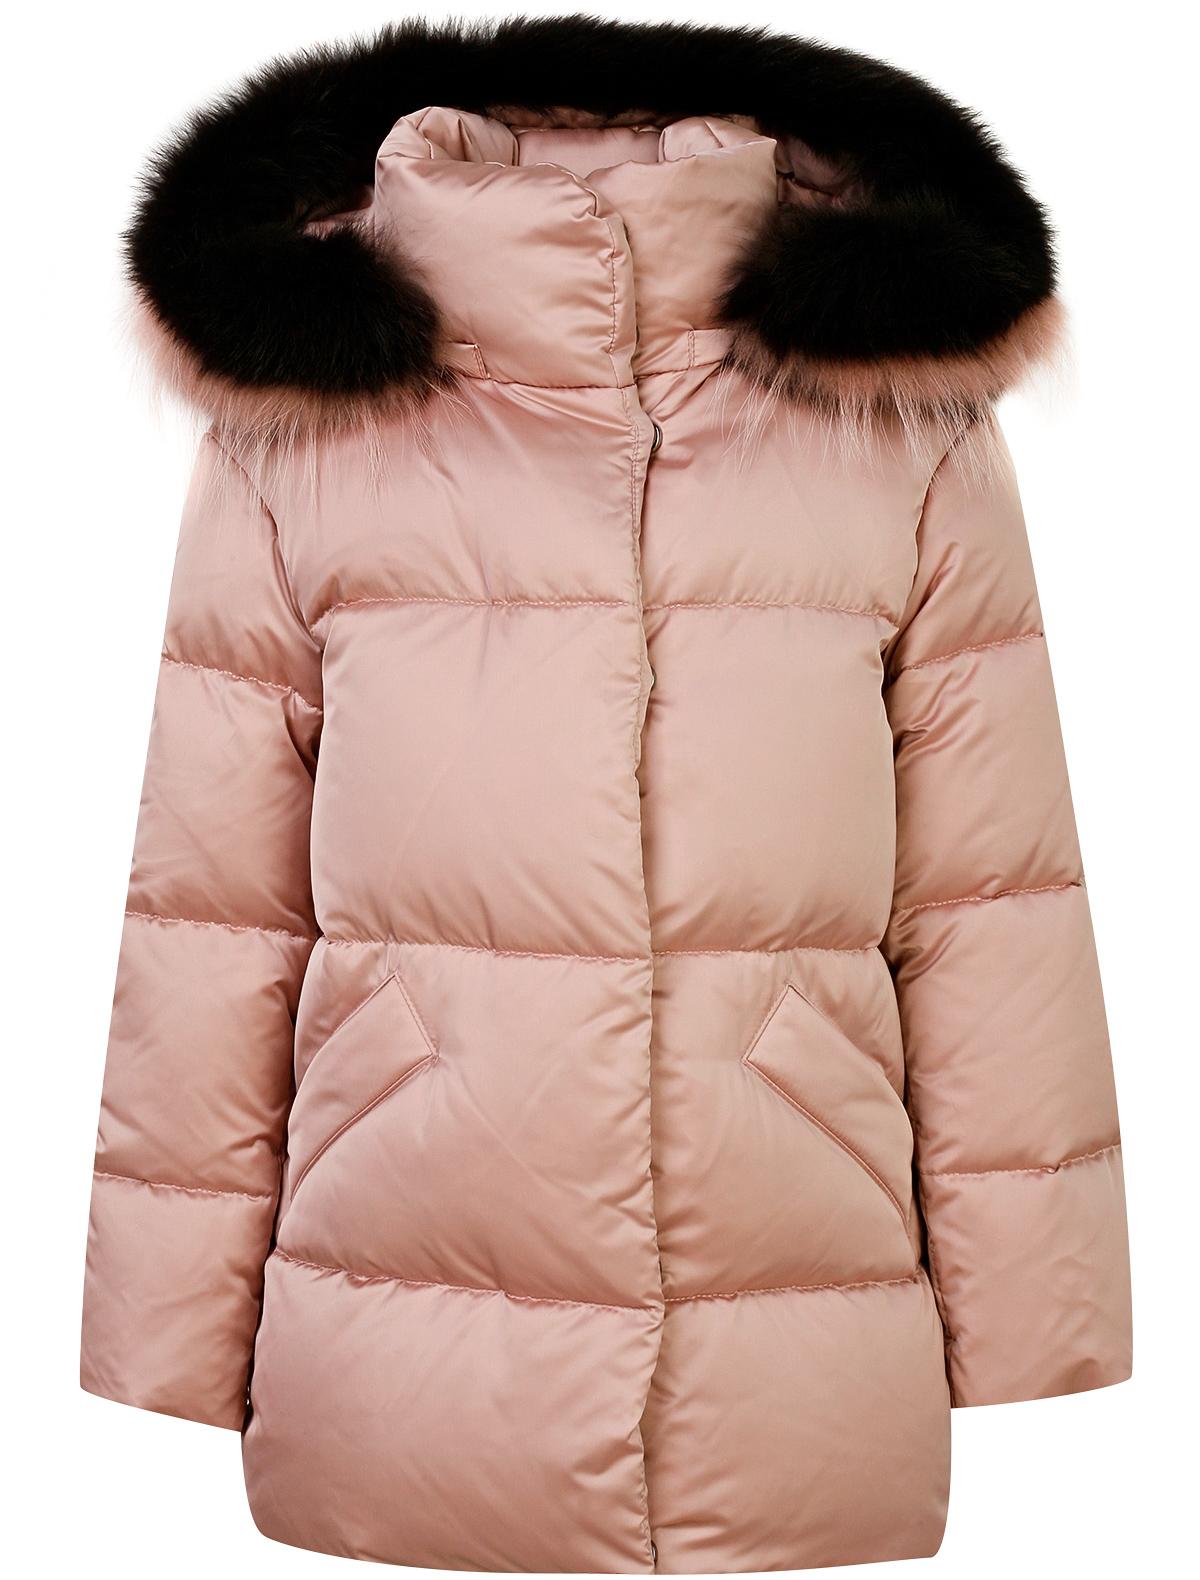 Купить 1874967, Куртка Jums Kids, розовый, Женский, 1072609880245